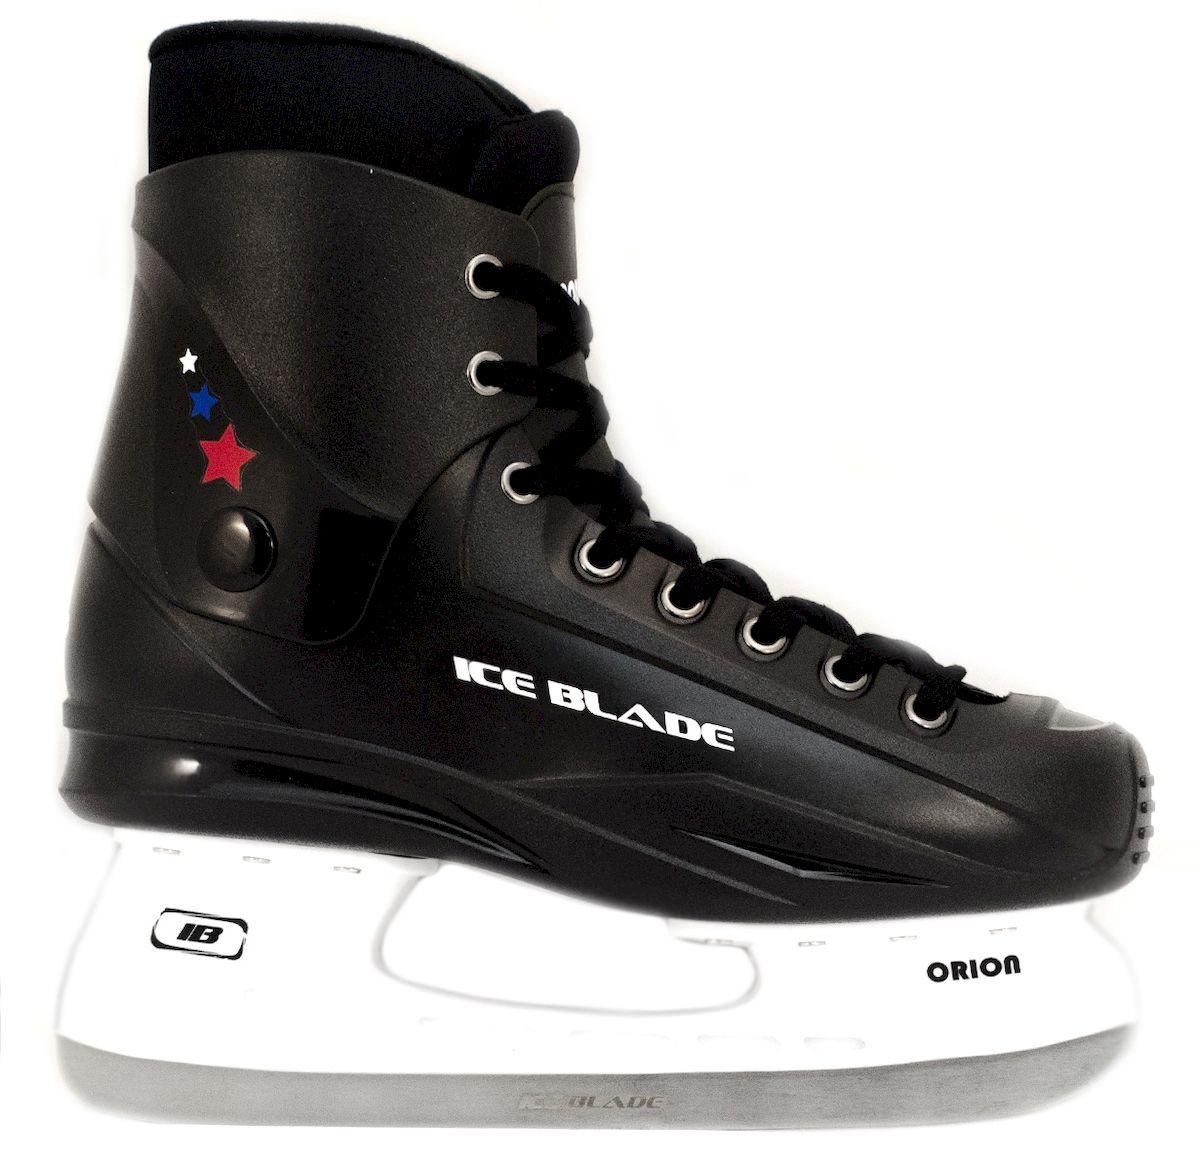 Коньки хоккейные Ice Blade Orion, цвет: черный. УТ-00004984. Размер 36